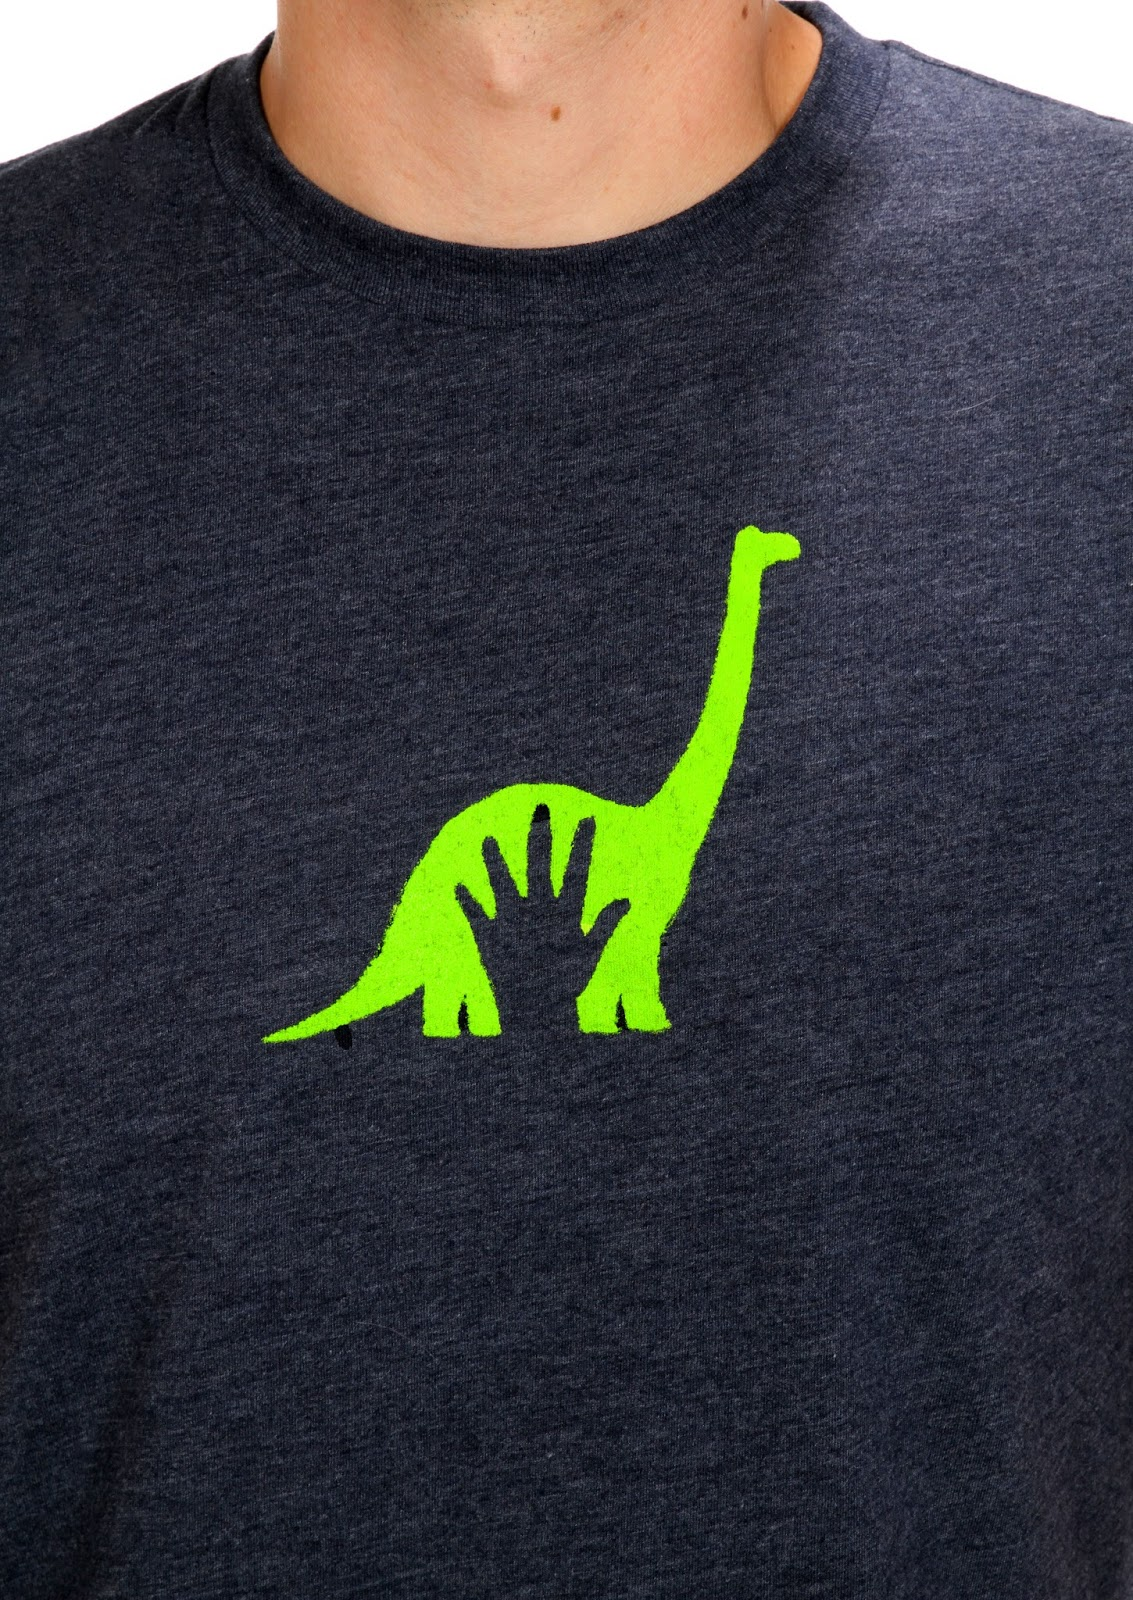 Dan the pixar fan the good dinosaur pixar studio store for Pixar logo t shirt